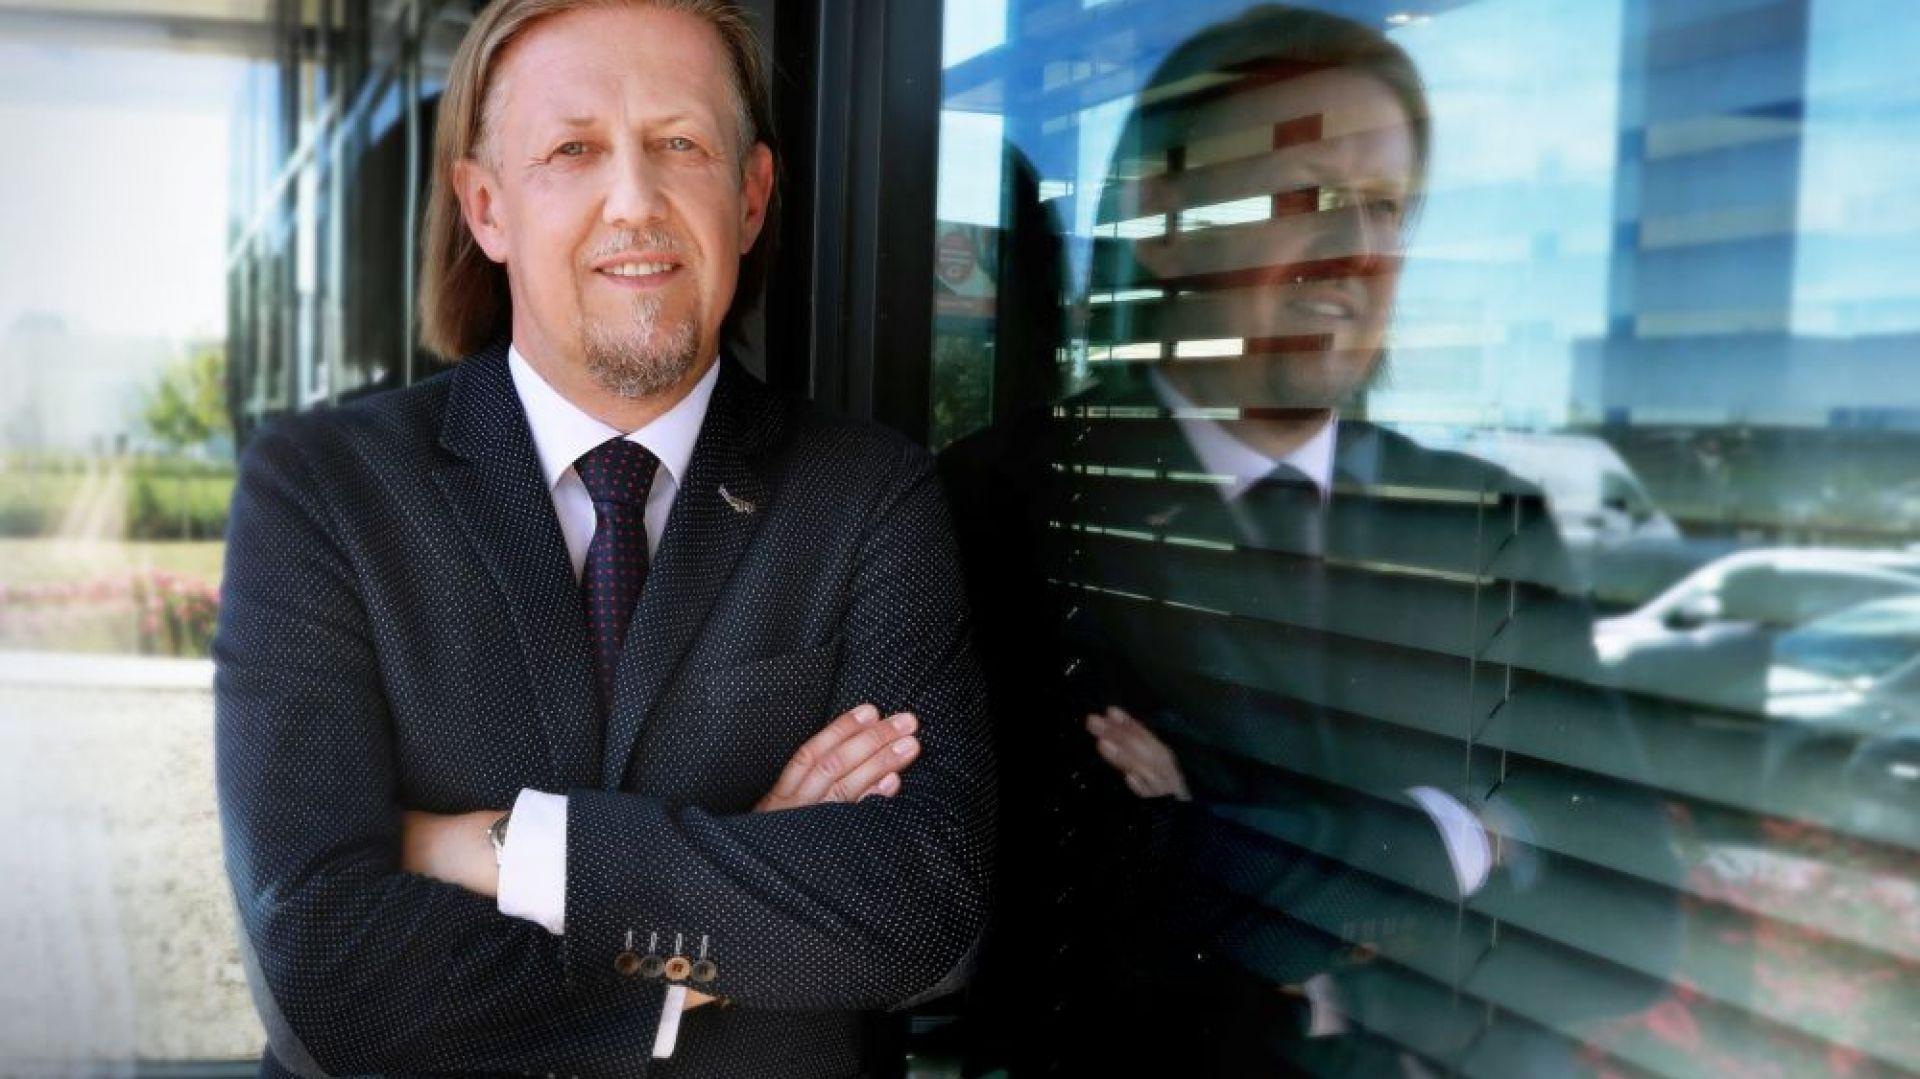 Dariusz Stasik, właściciel i Prezes Zarządu W.P.I.P., generalnego wykonawcy inwestycji budowlanych. Fot. W.P.I.P